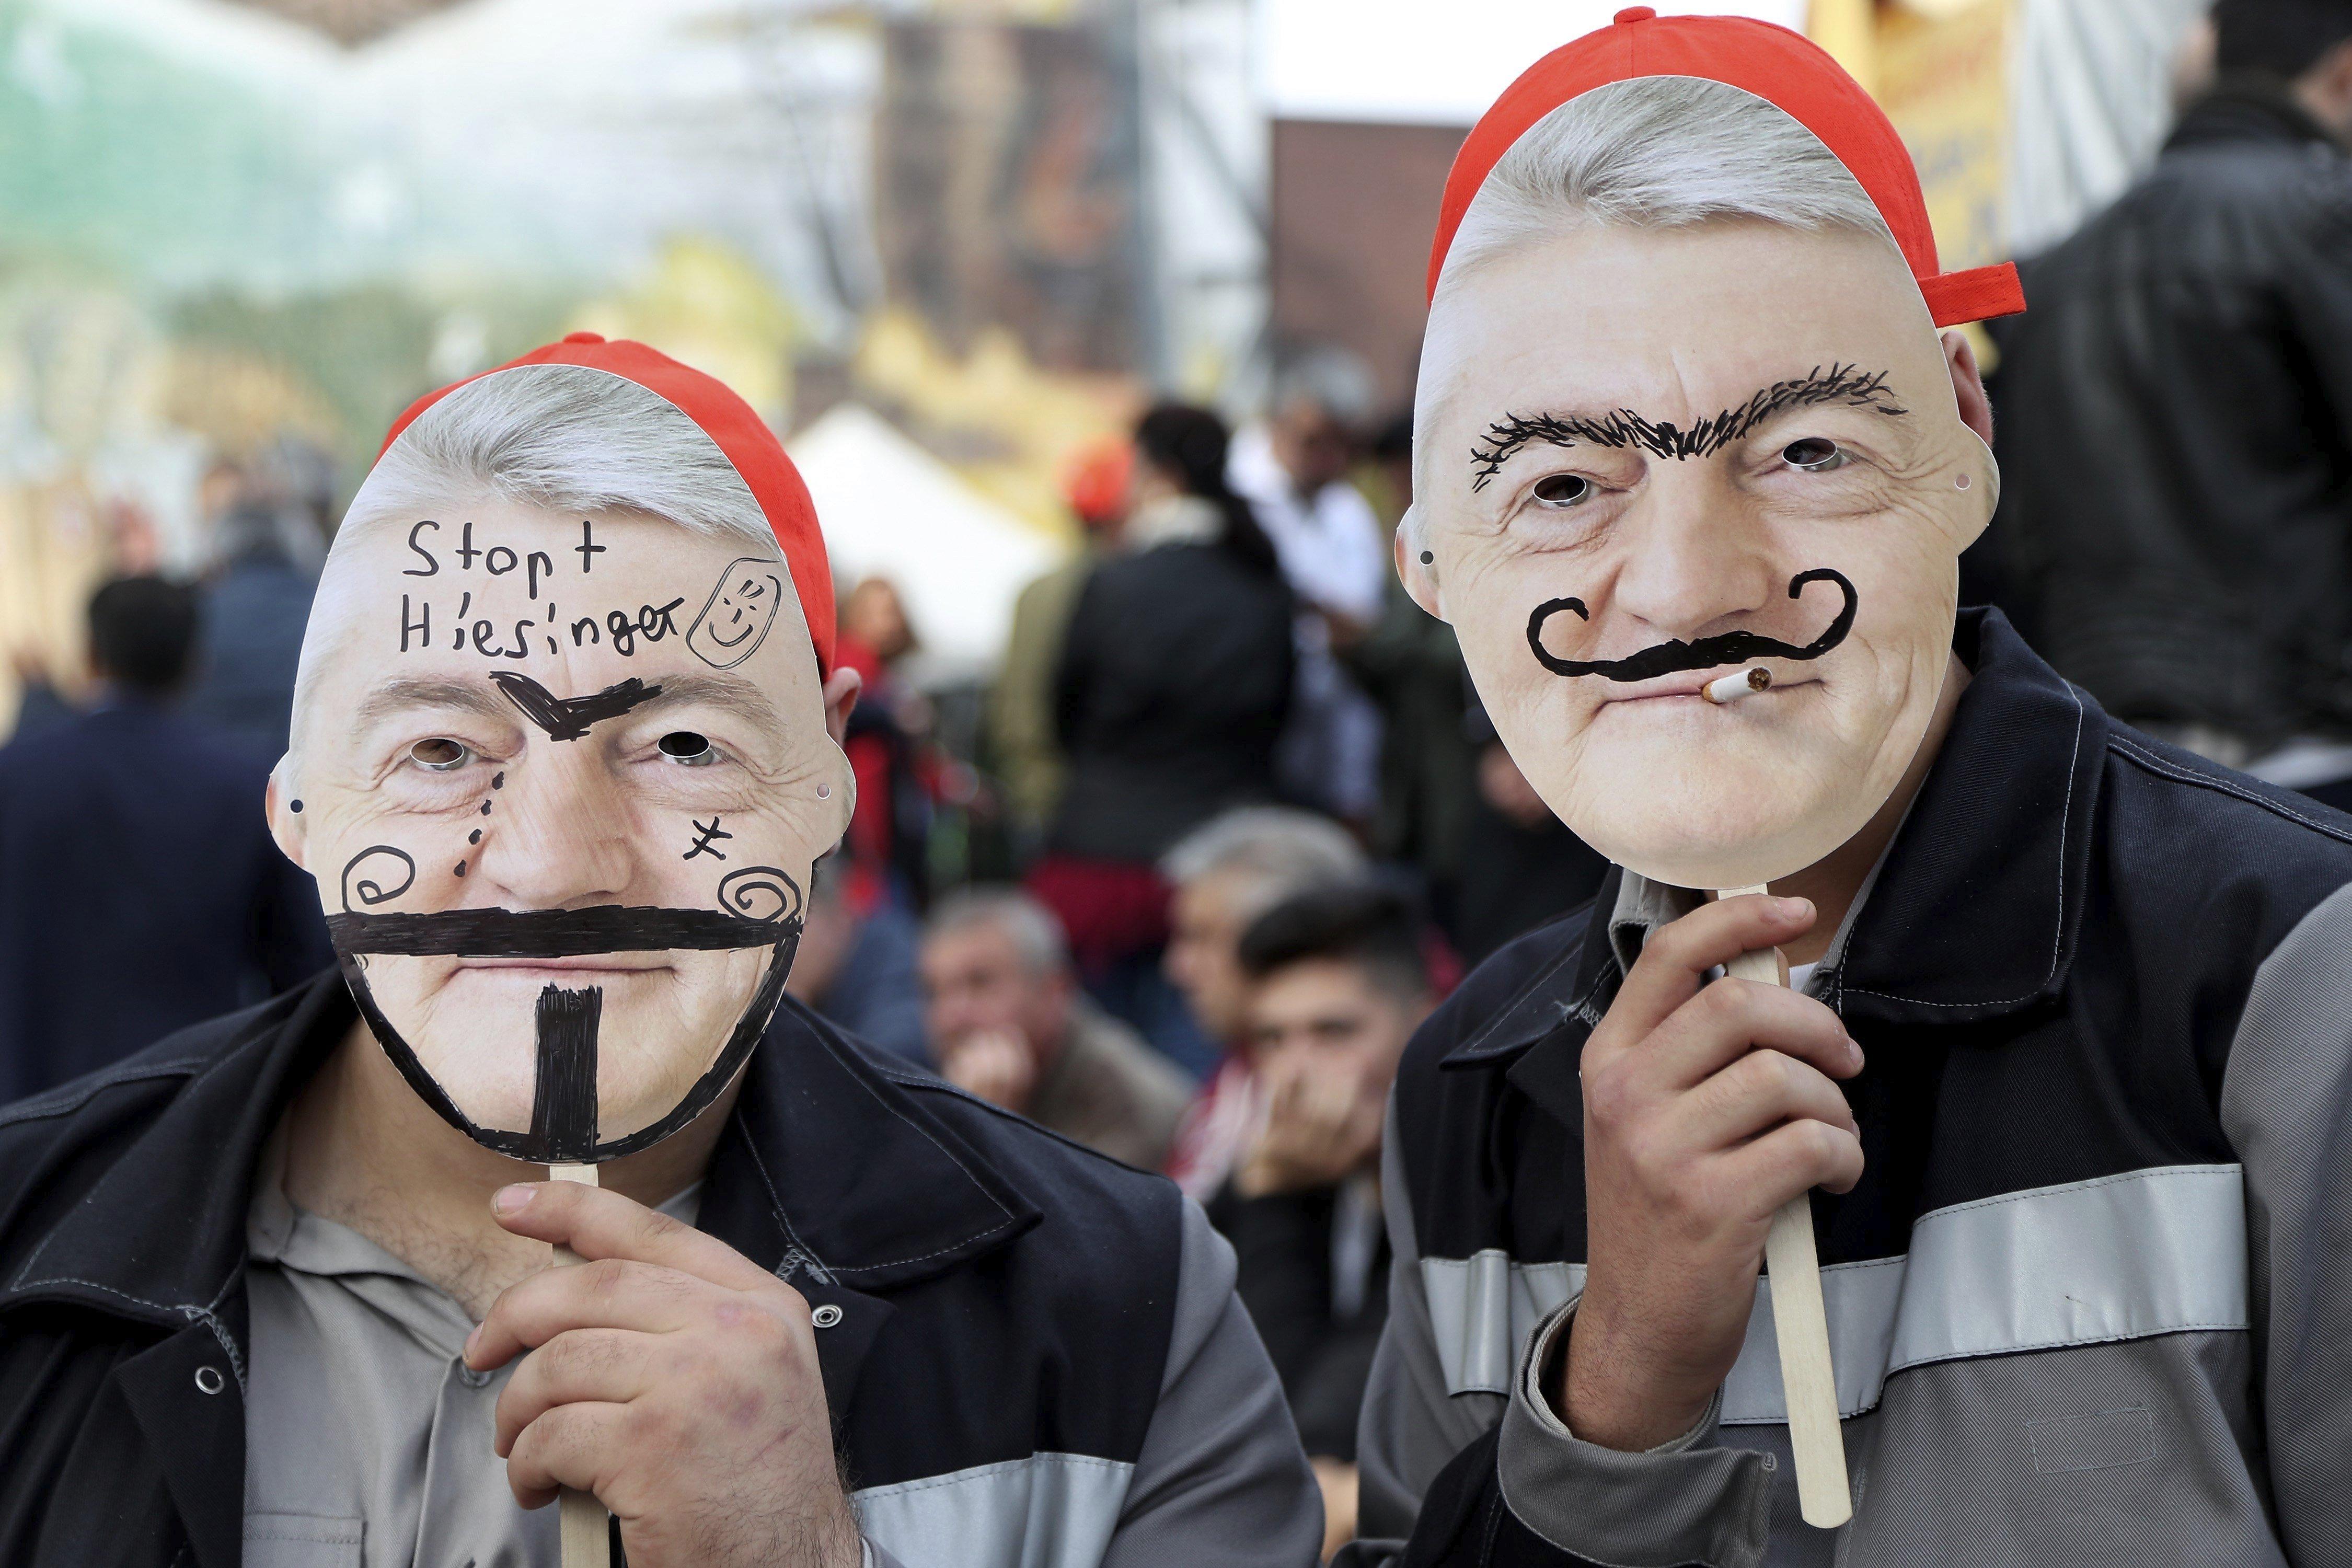 Protesta de treballadors de Thyssenkrupp a Bochum contra la fusió amb Tata Steel (Alemania). /FRIEDEMANN VOGEL